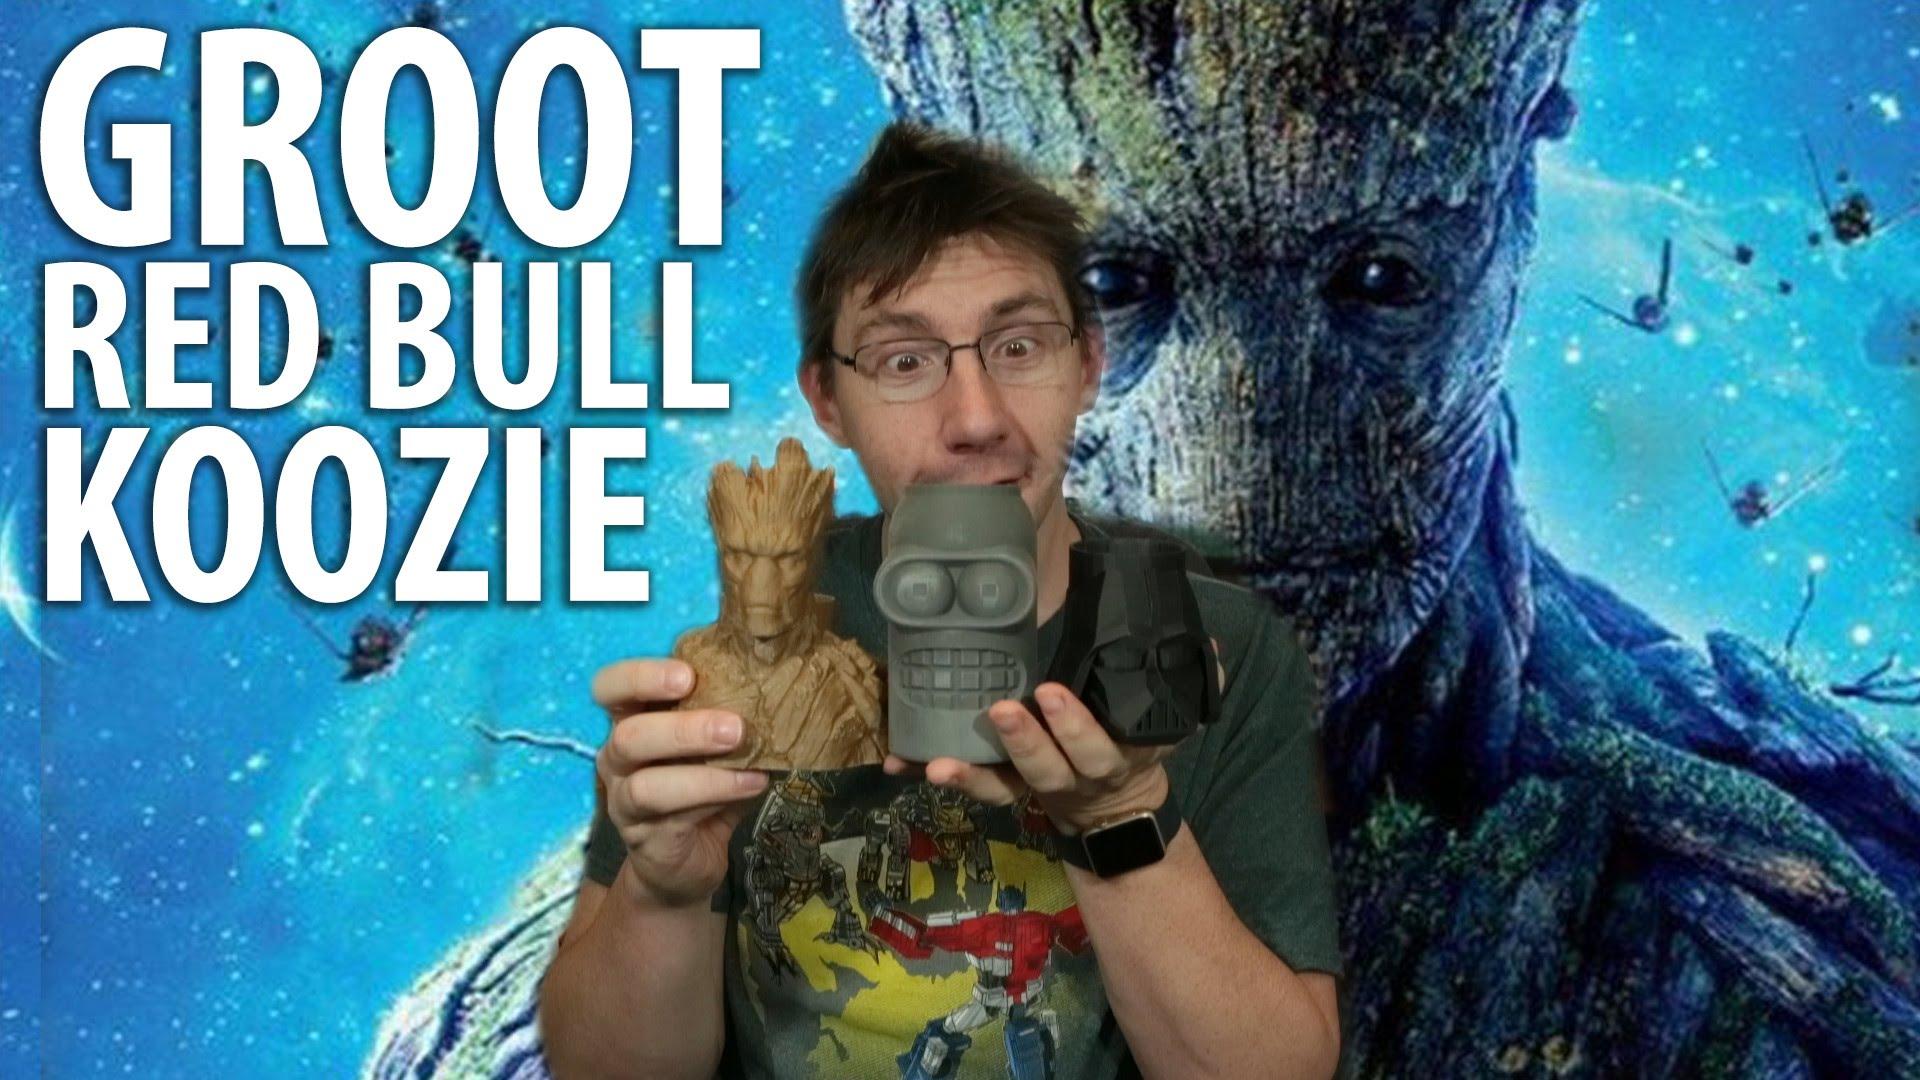 3D Printing a Groot Red Bull Koozie! Timelapse!